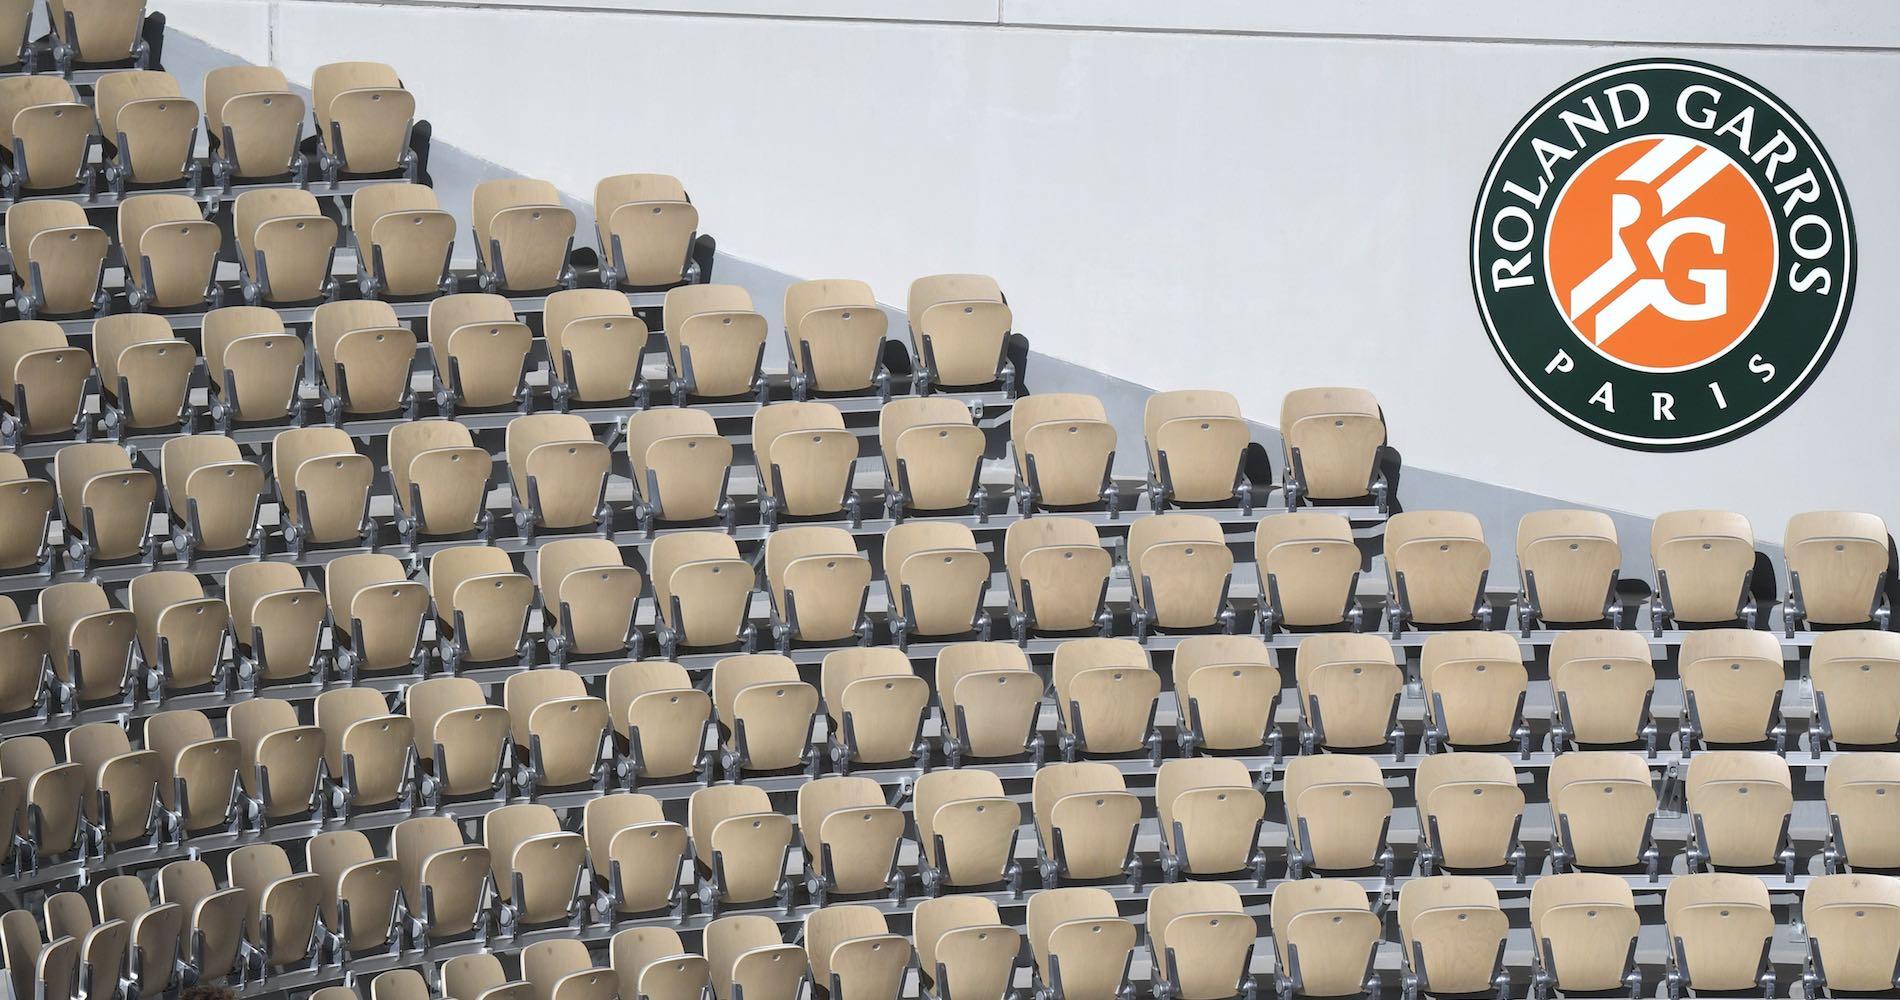 Roland-Garros, Philippe-Chatrier court